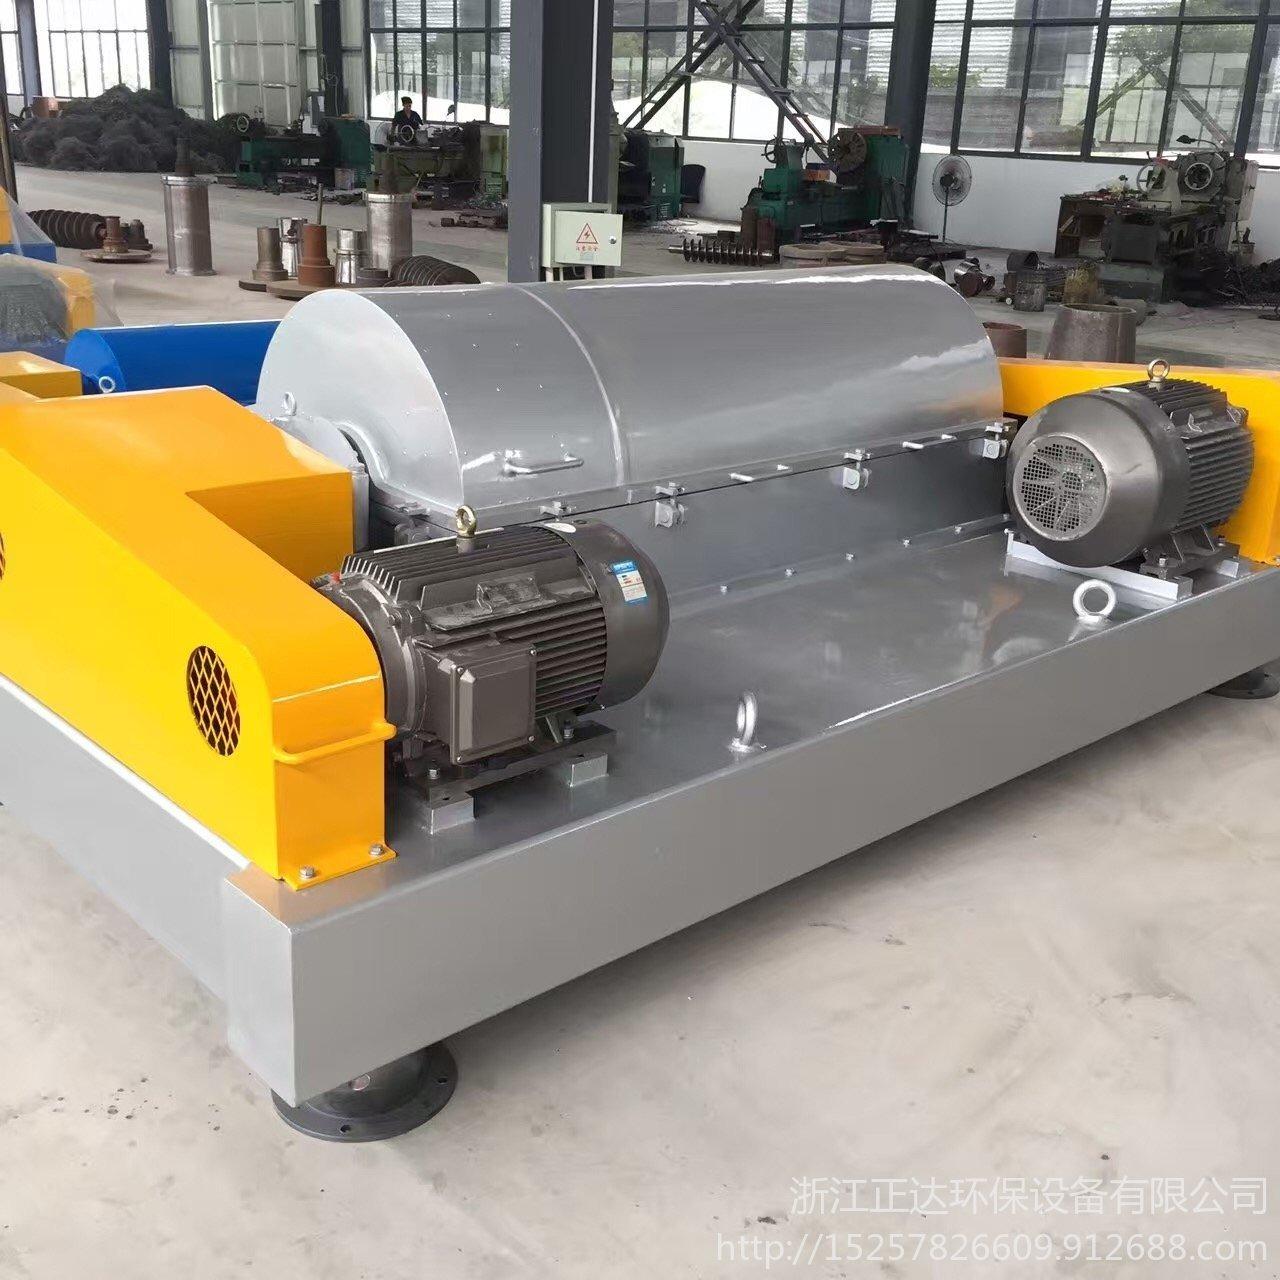 正達 臥螺離心機廠家供應直銷 WL-530離心脫水機 多種型號臥螺離心機 固液分離設備